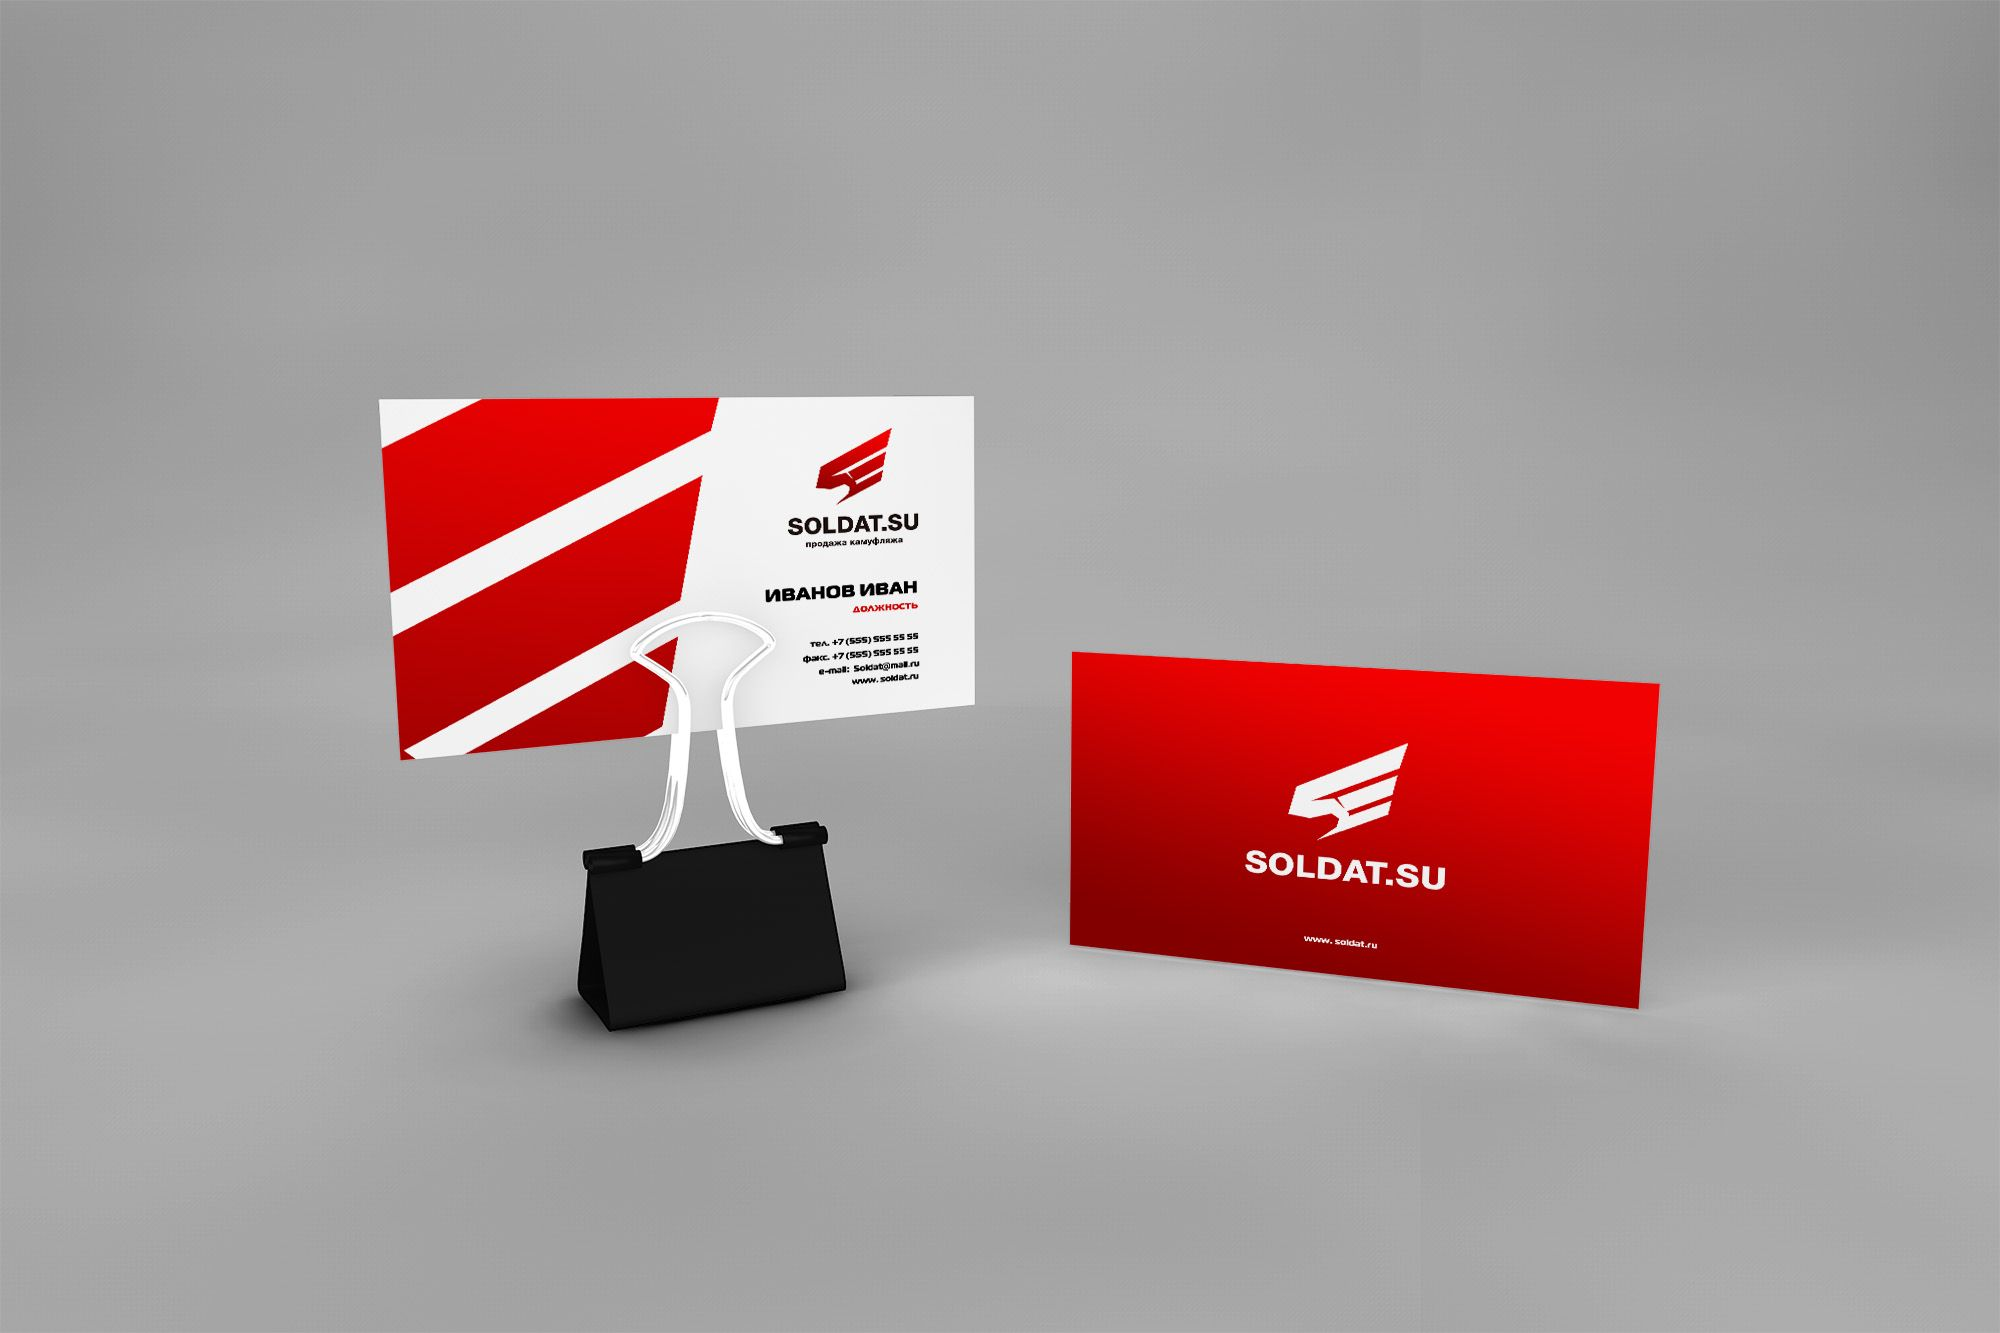 Лого и фирменный стиль для SOLDAT.SU - дизайнер weste32